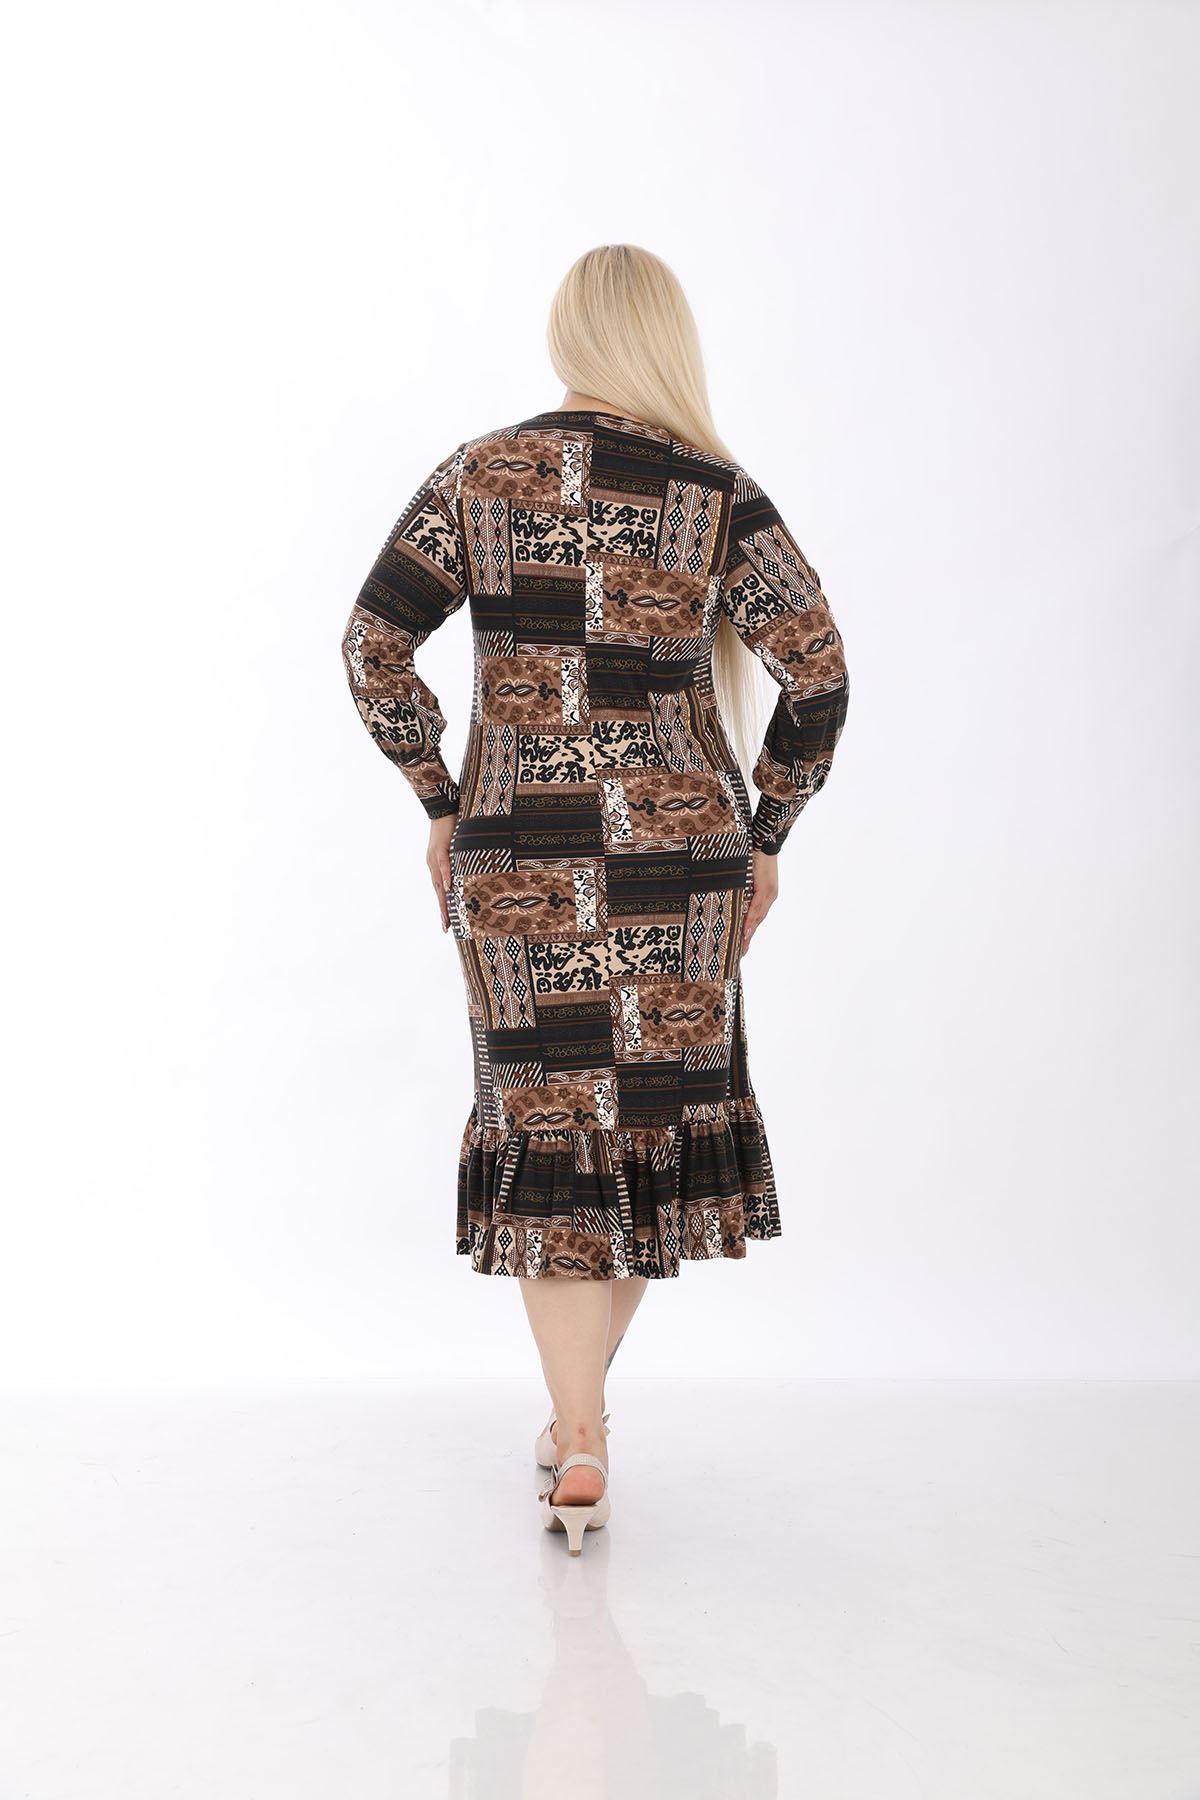 Manşet Kol Kilim Büyük Beden Elbise 33C-1314